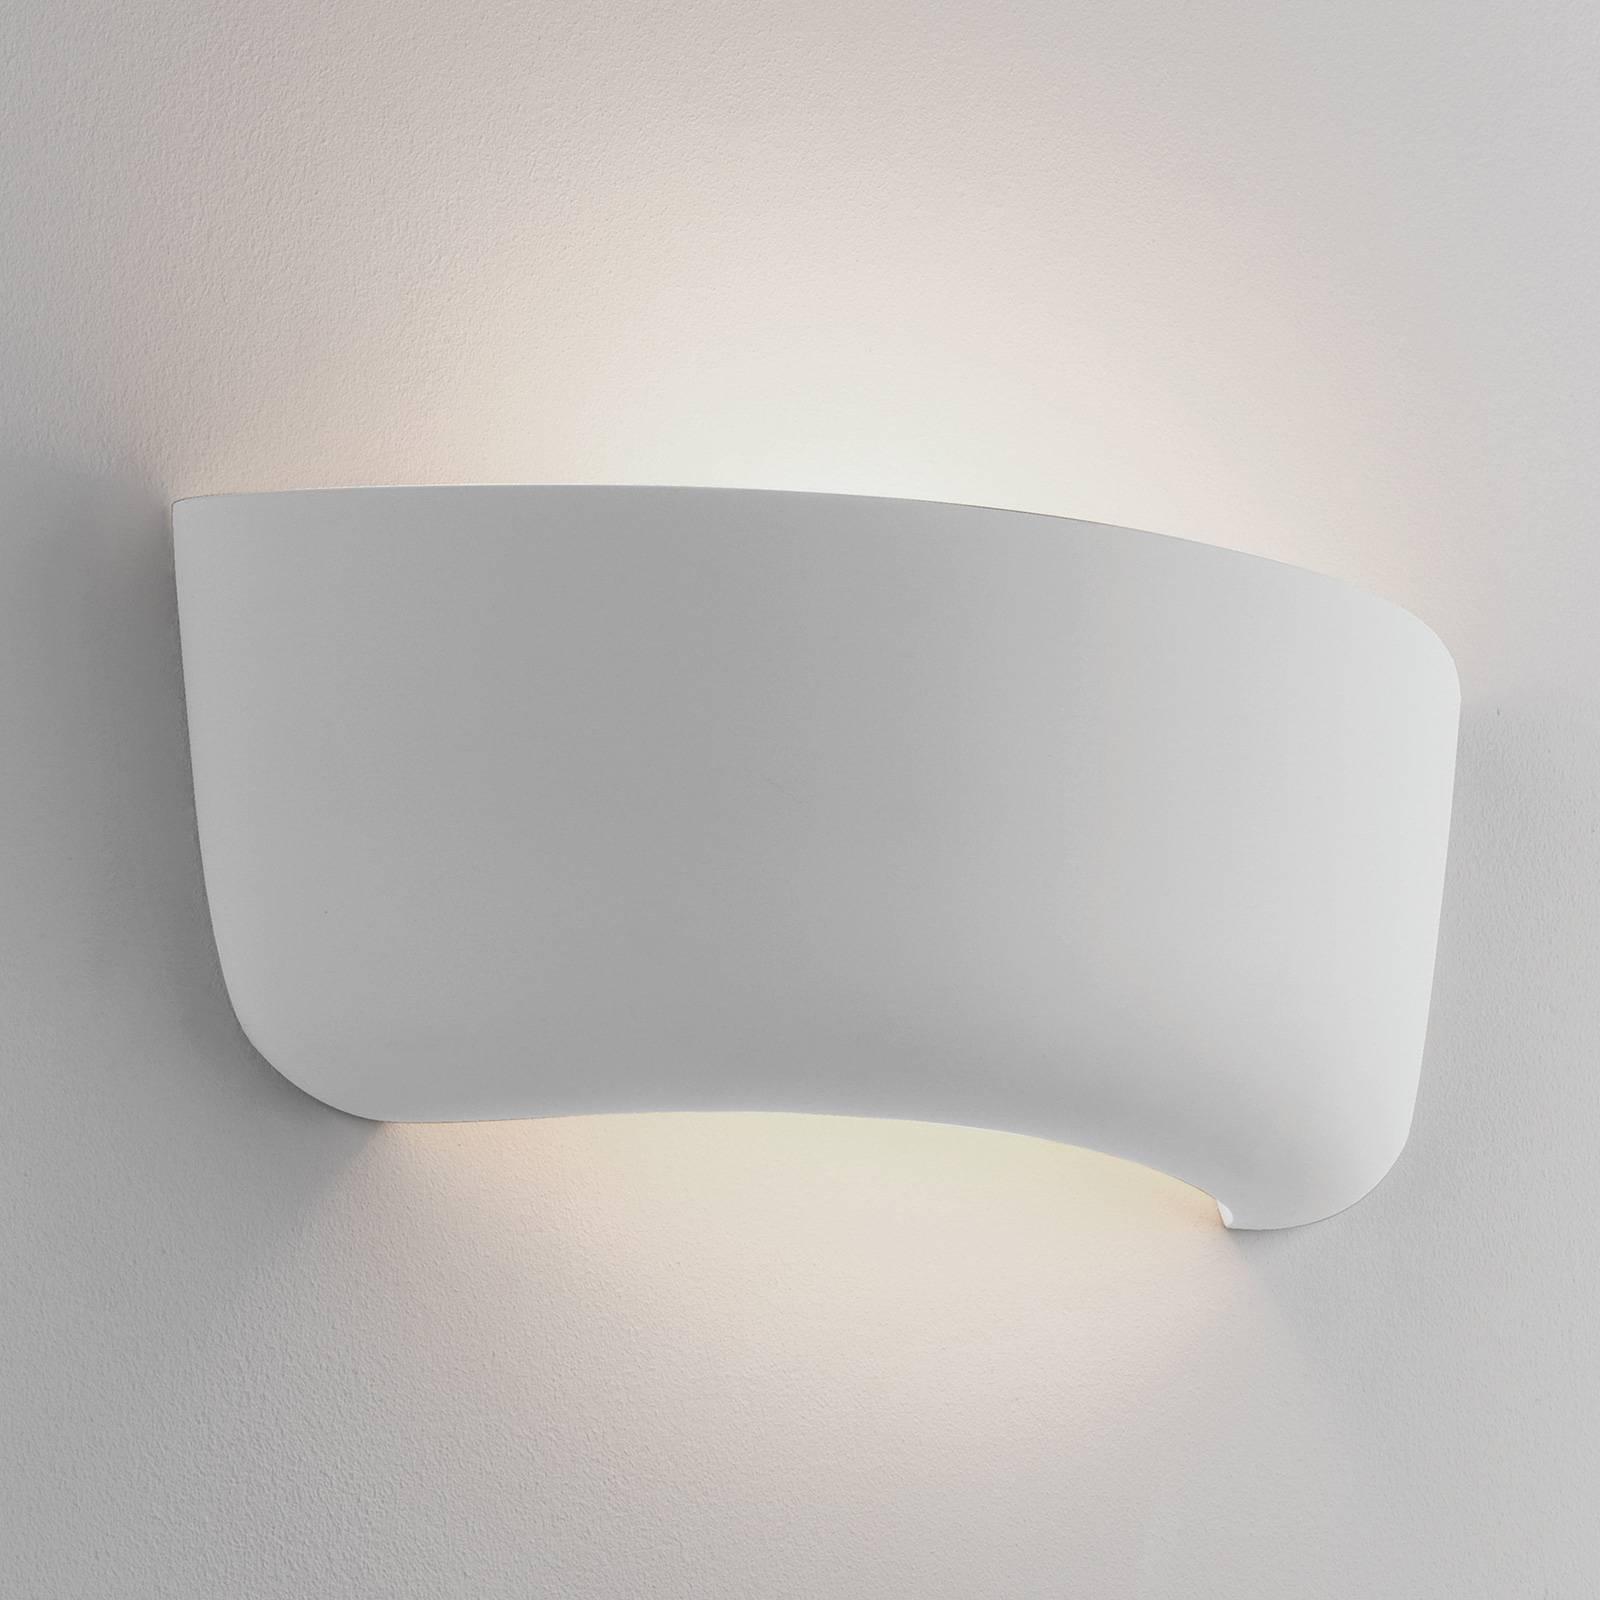 Astro Gosford 340-seinävalaisin keramiikkaa, 34 cm